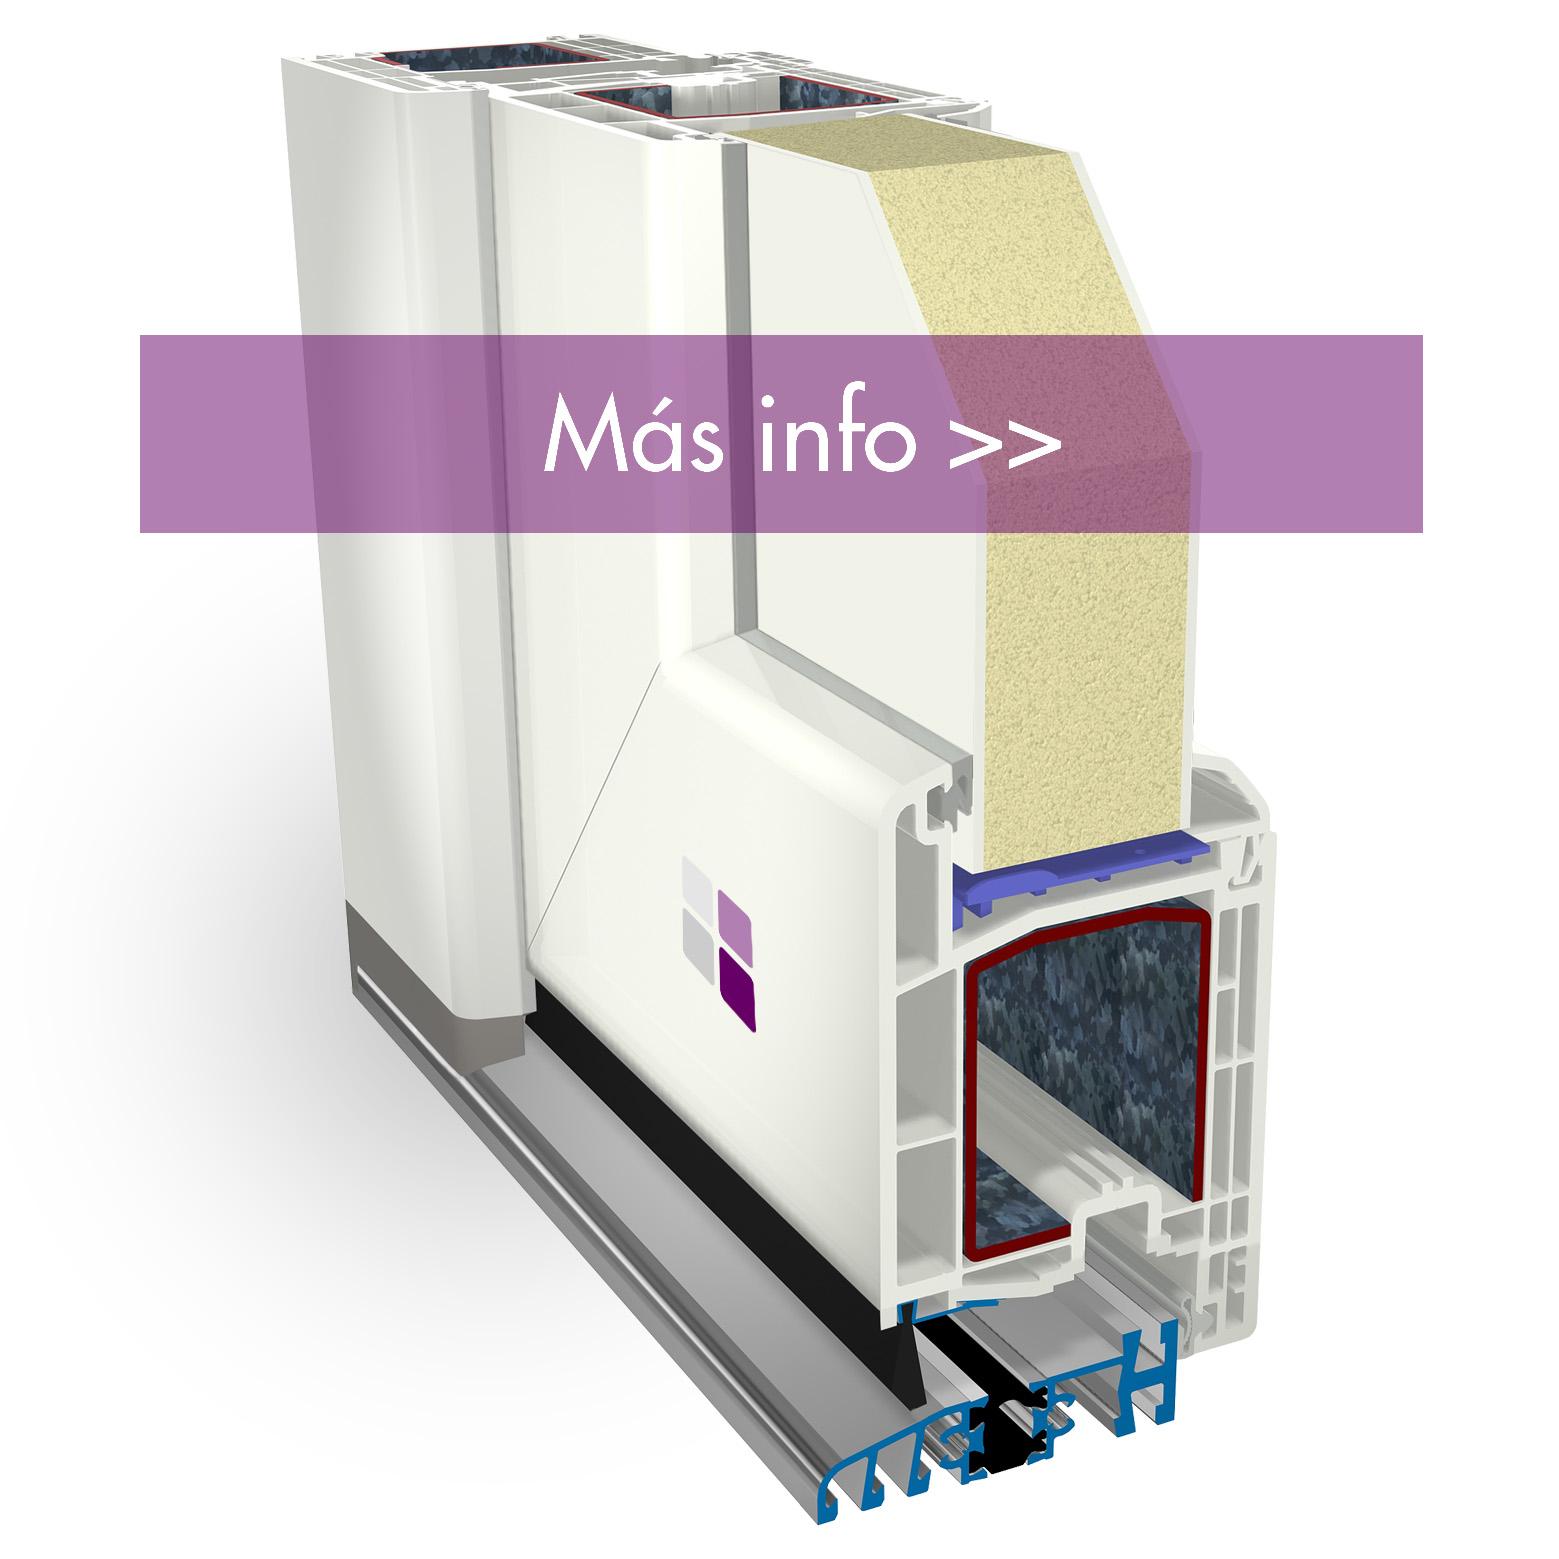 Sección 3D de los componentes de la puerta de entrada cálida pvc. Elegancia y seguridad.